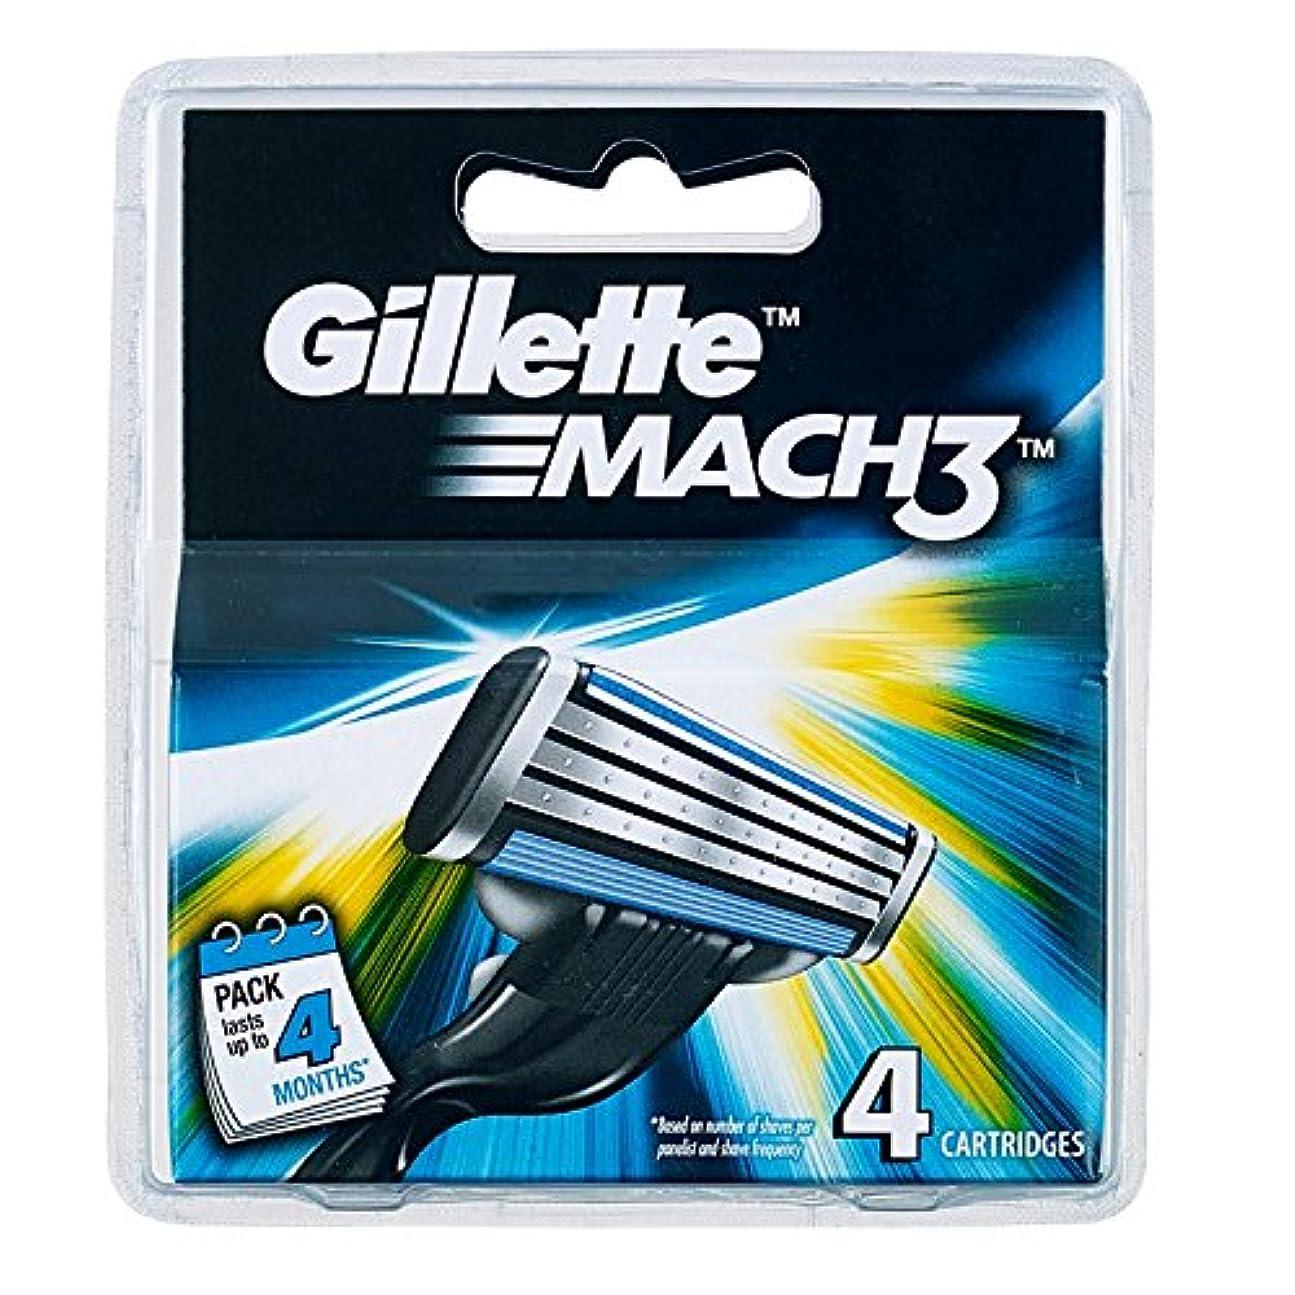 アルファベット順バンカー会員Gillette MACH3 SHAVING RAZOR CARTRIDGES BLADES 4 Pack [並行輸入品]